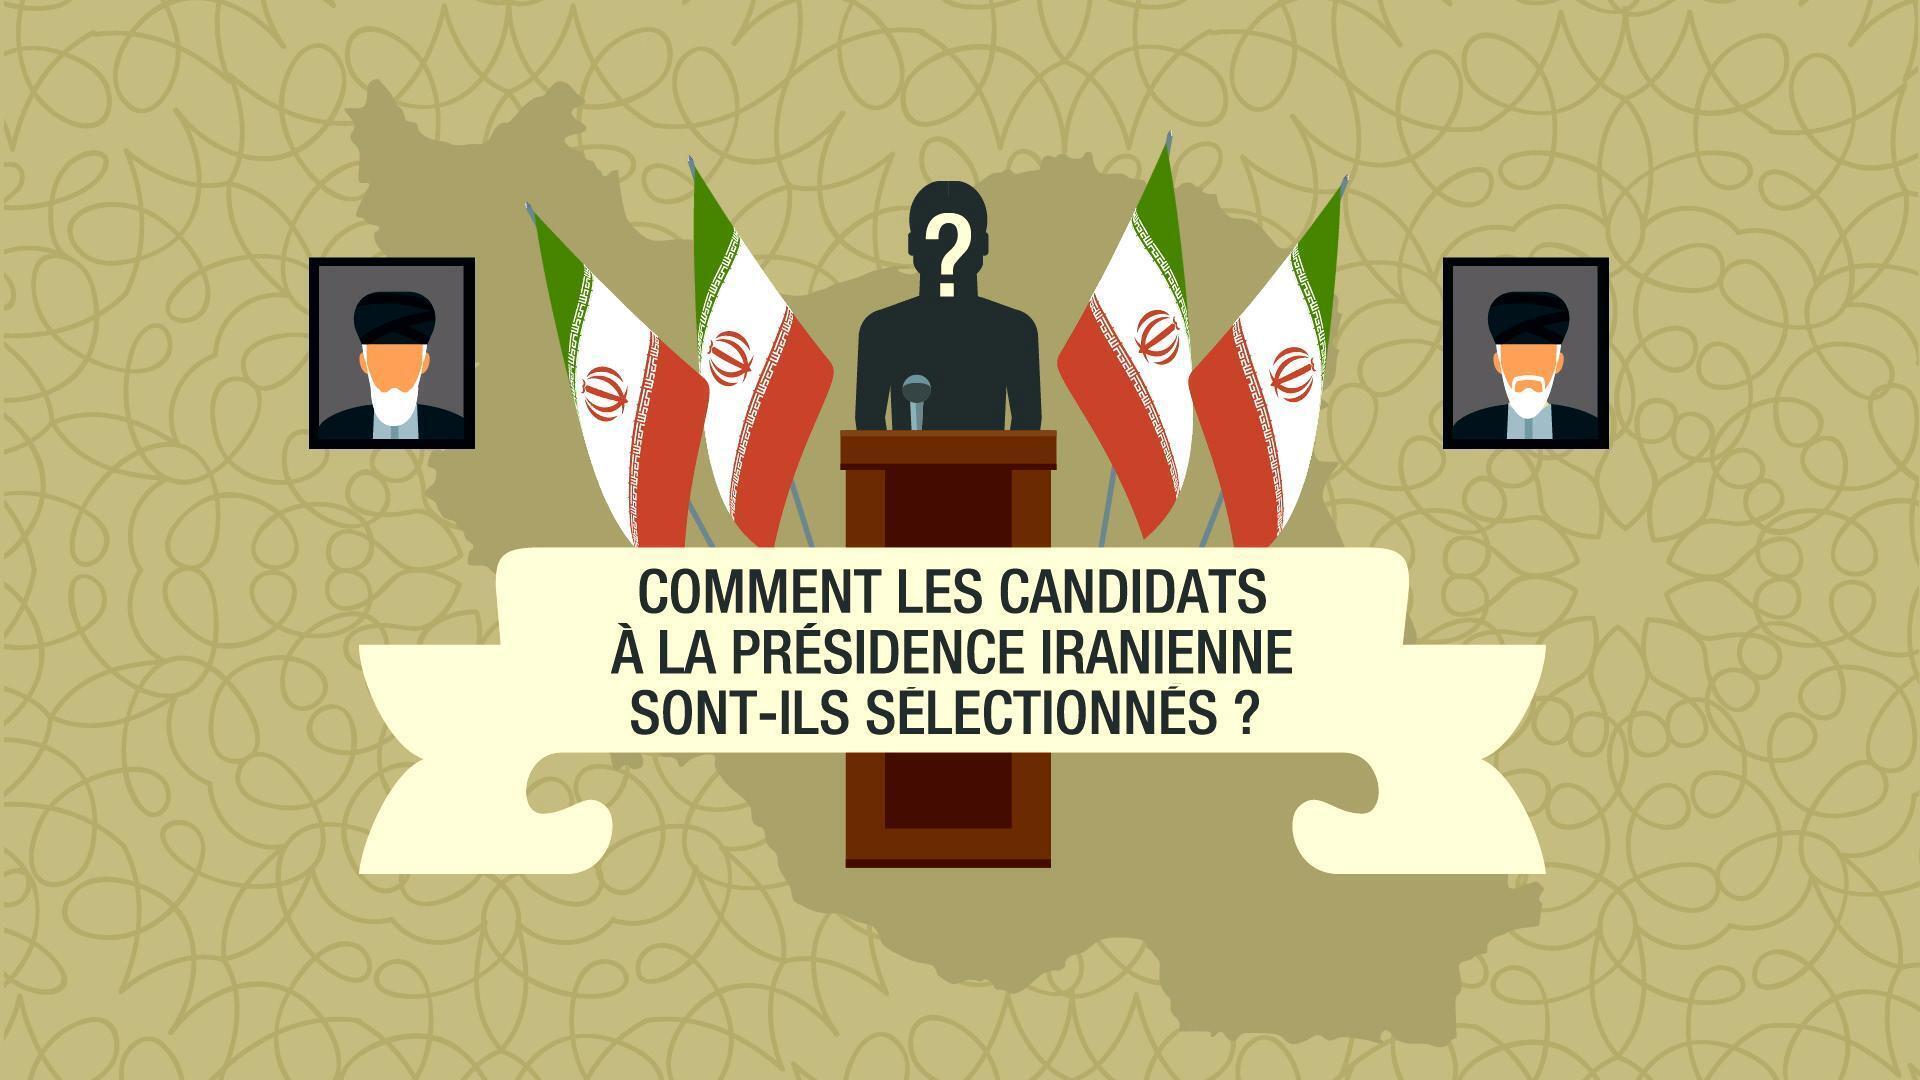 Sélection candidats présidentielle iranienne